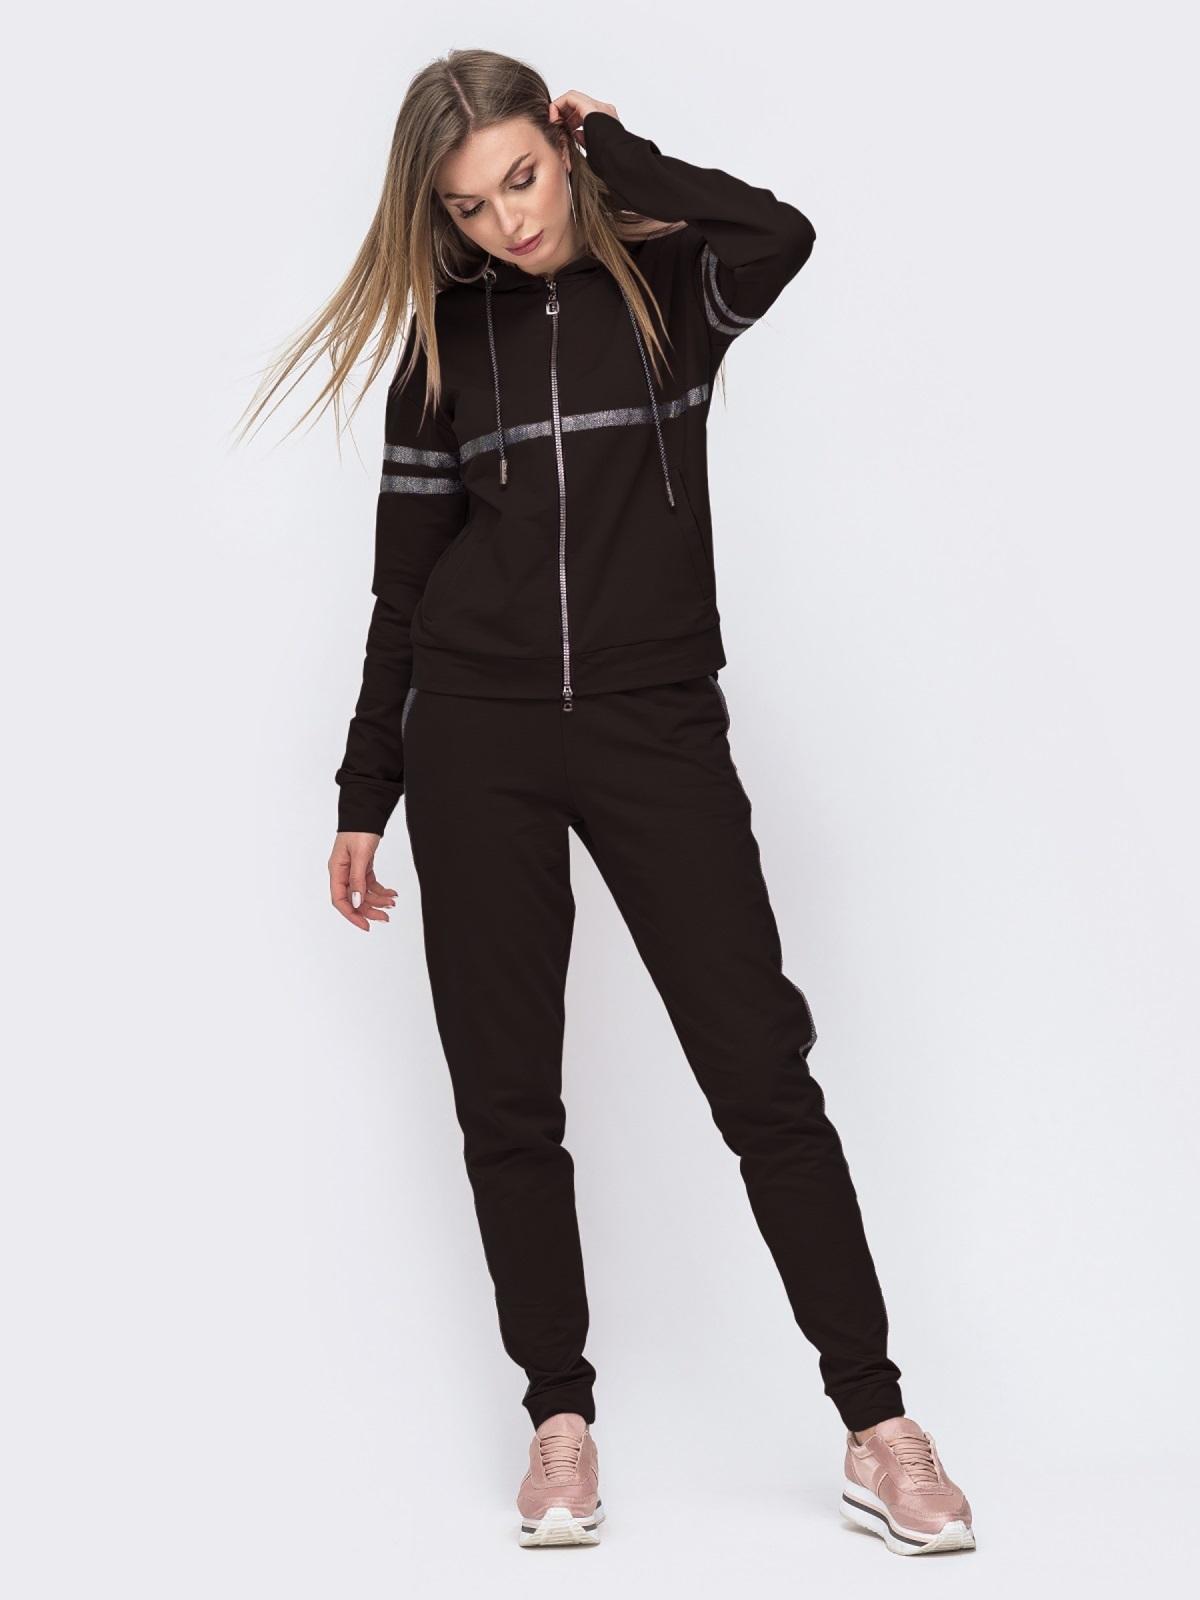 Чёрный комплект из кофты с капюшоном и брюк 49305, фото 1